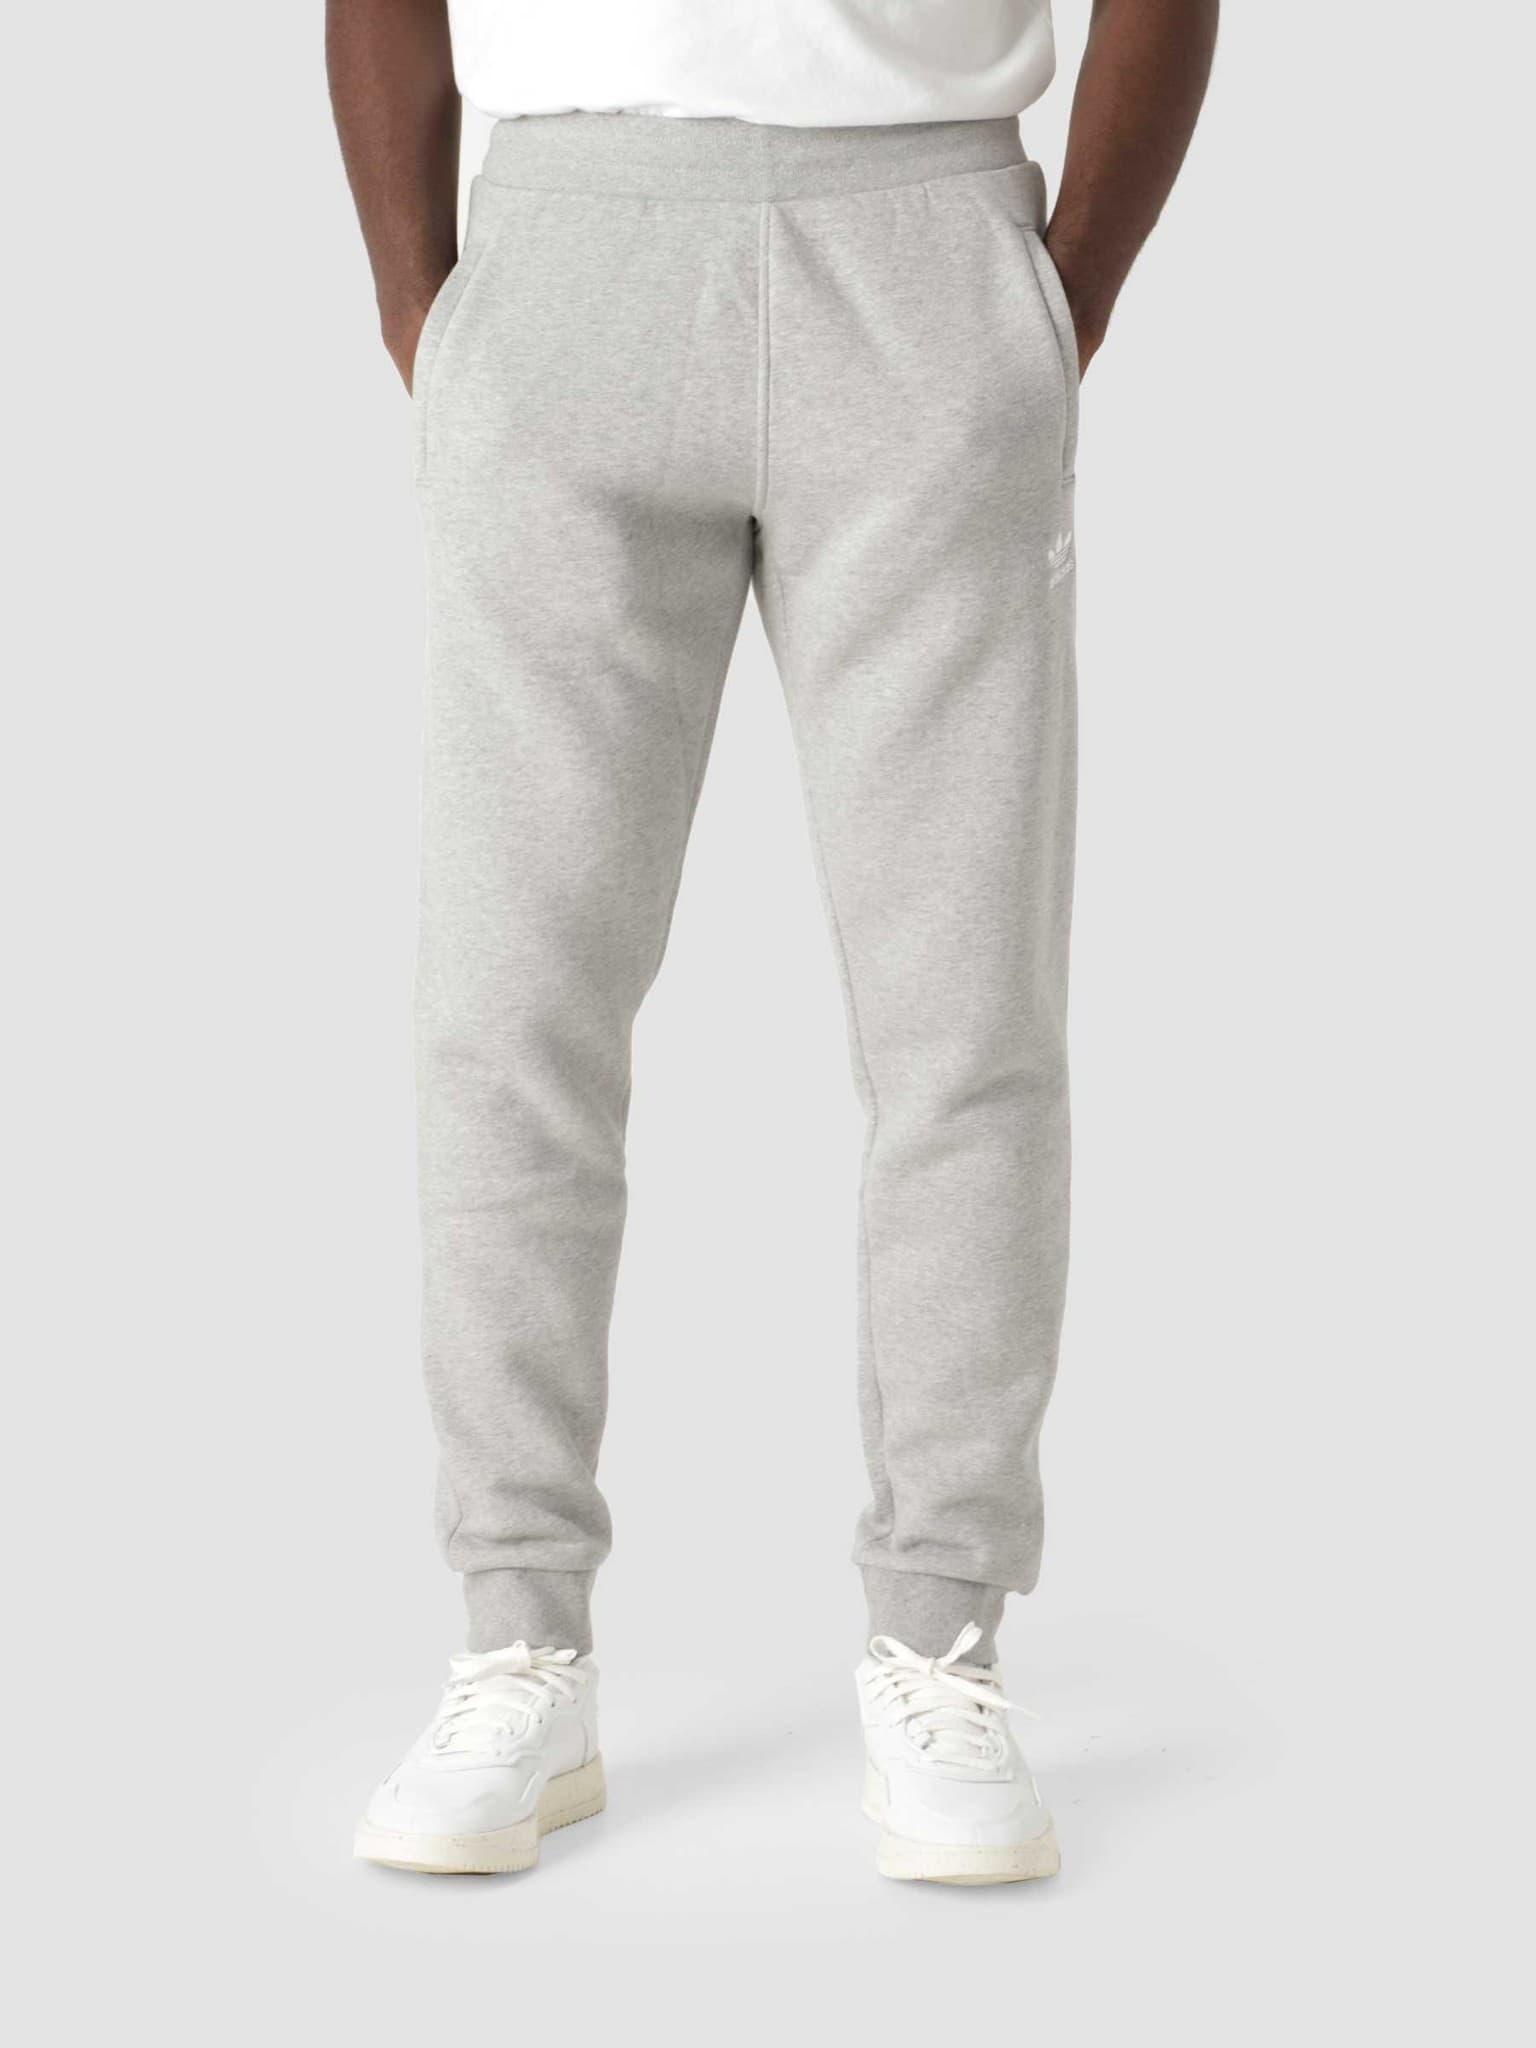 Essentials Pant Medium Grey Heather H34659